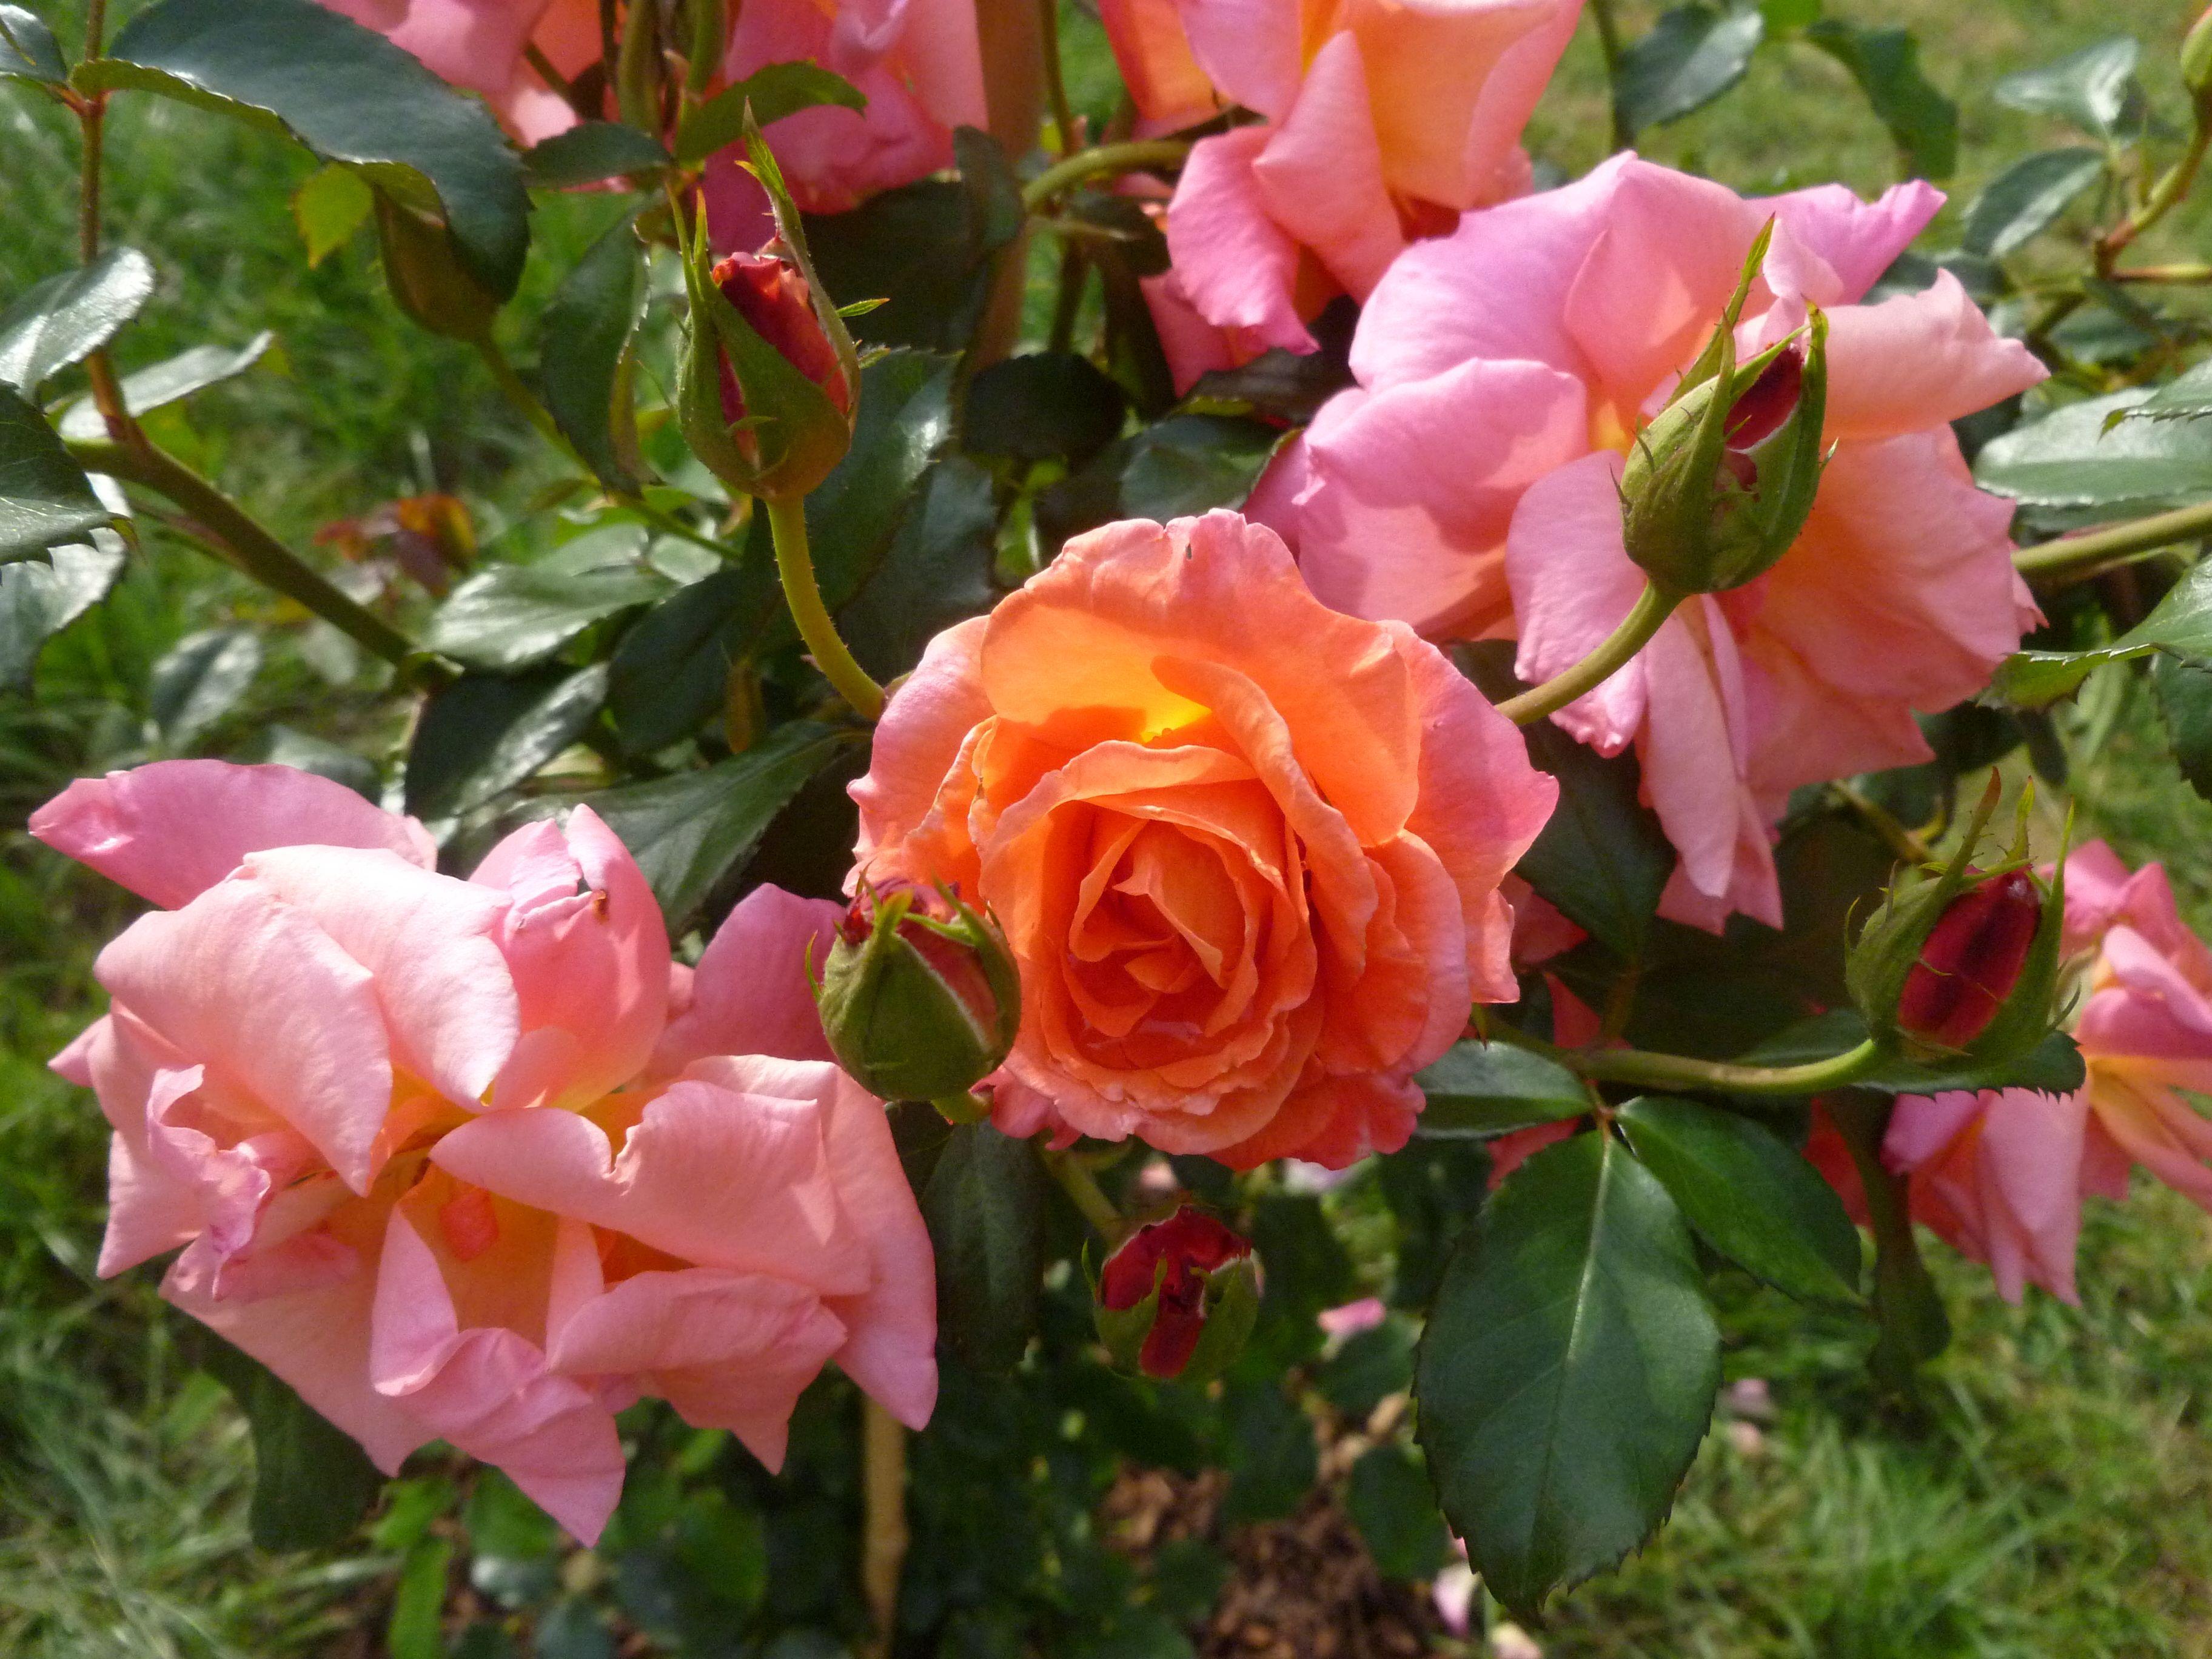 mein sch ner garten from my own garden rosen roses pinterest garten and gardens. Black Bedroom Furniture Sets. Home Design Ideas